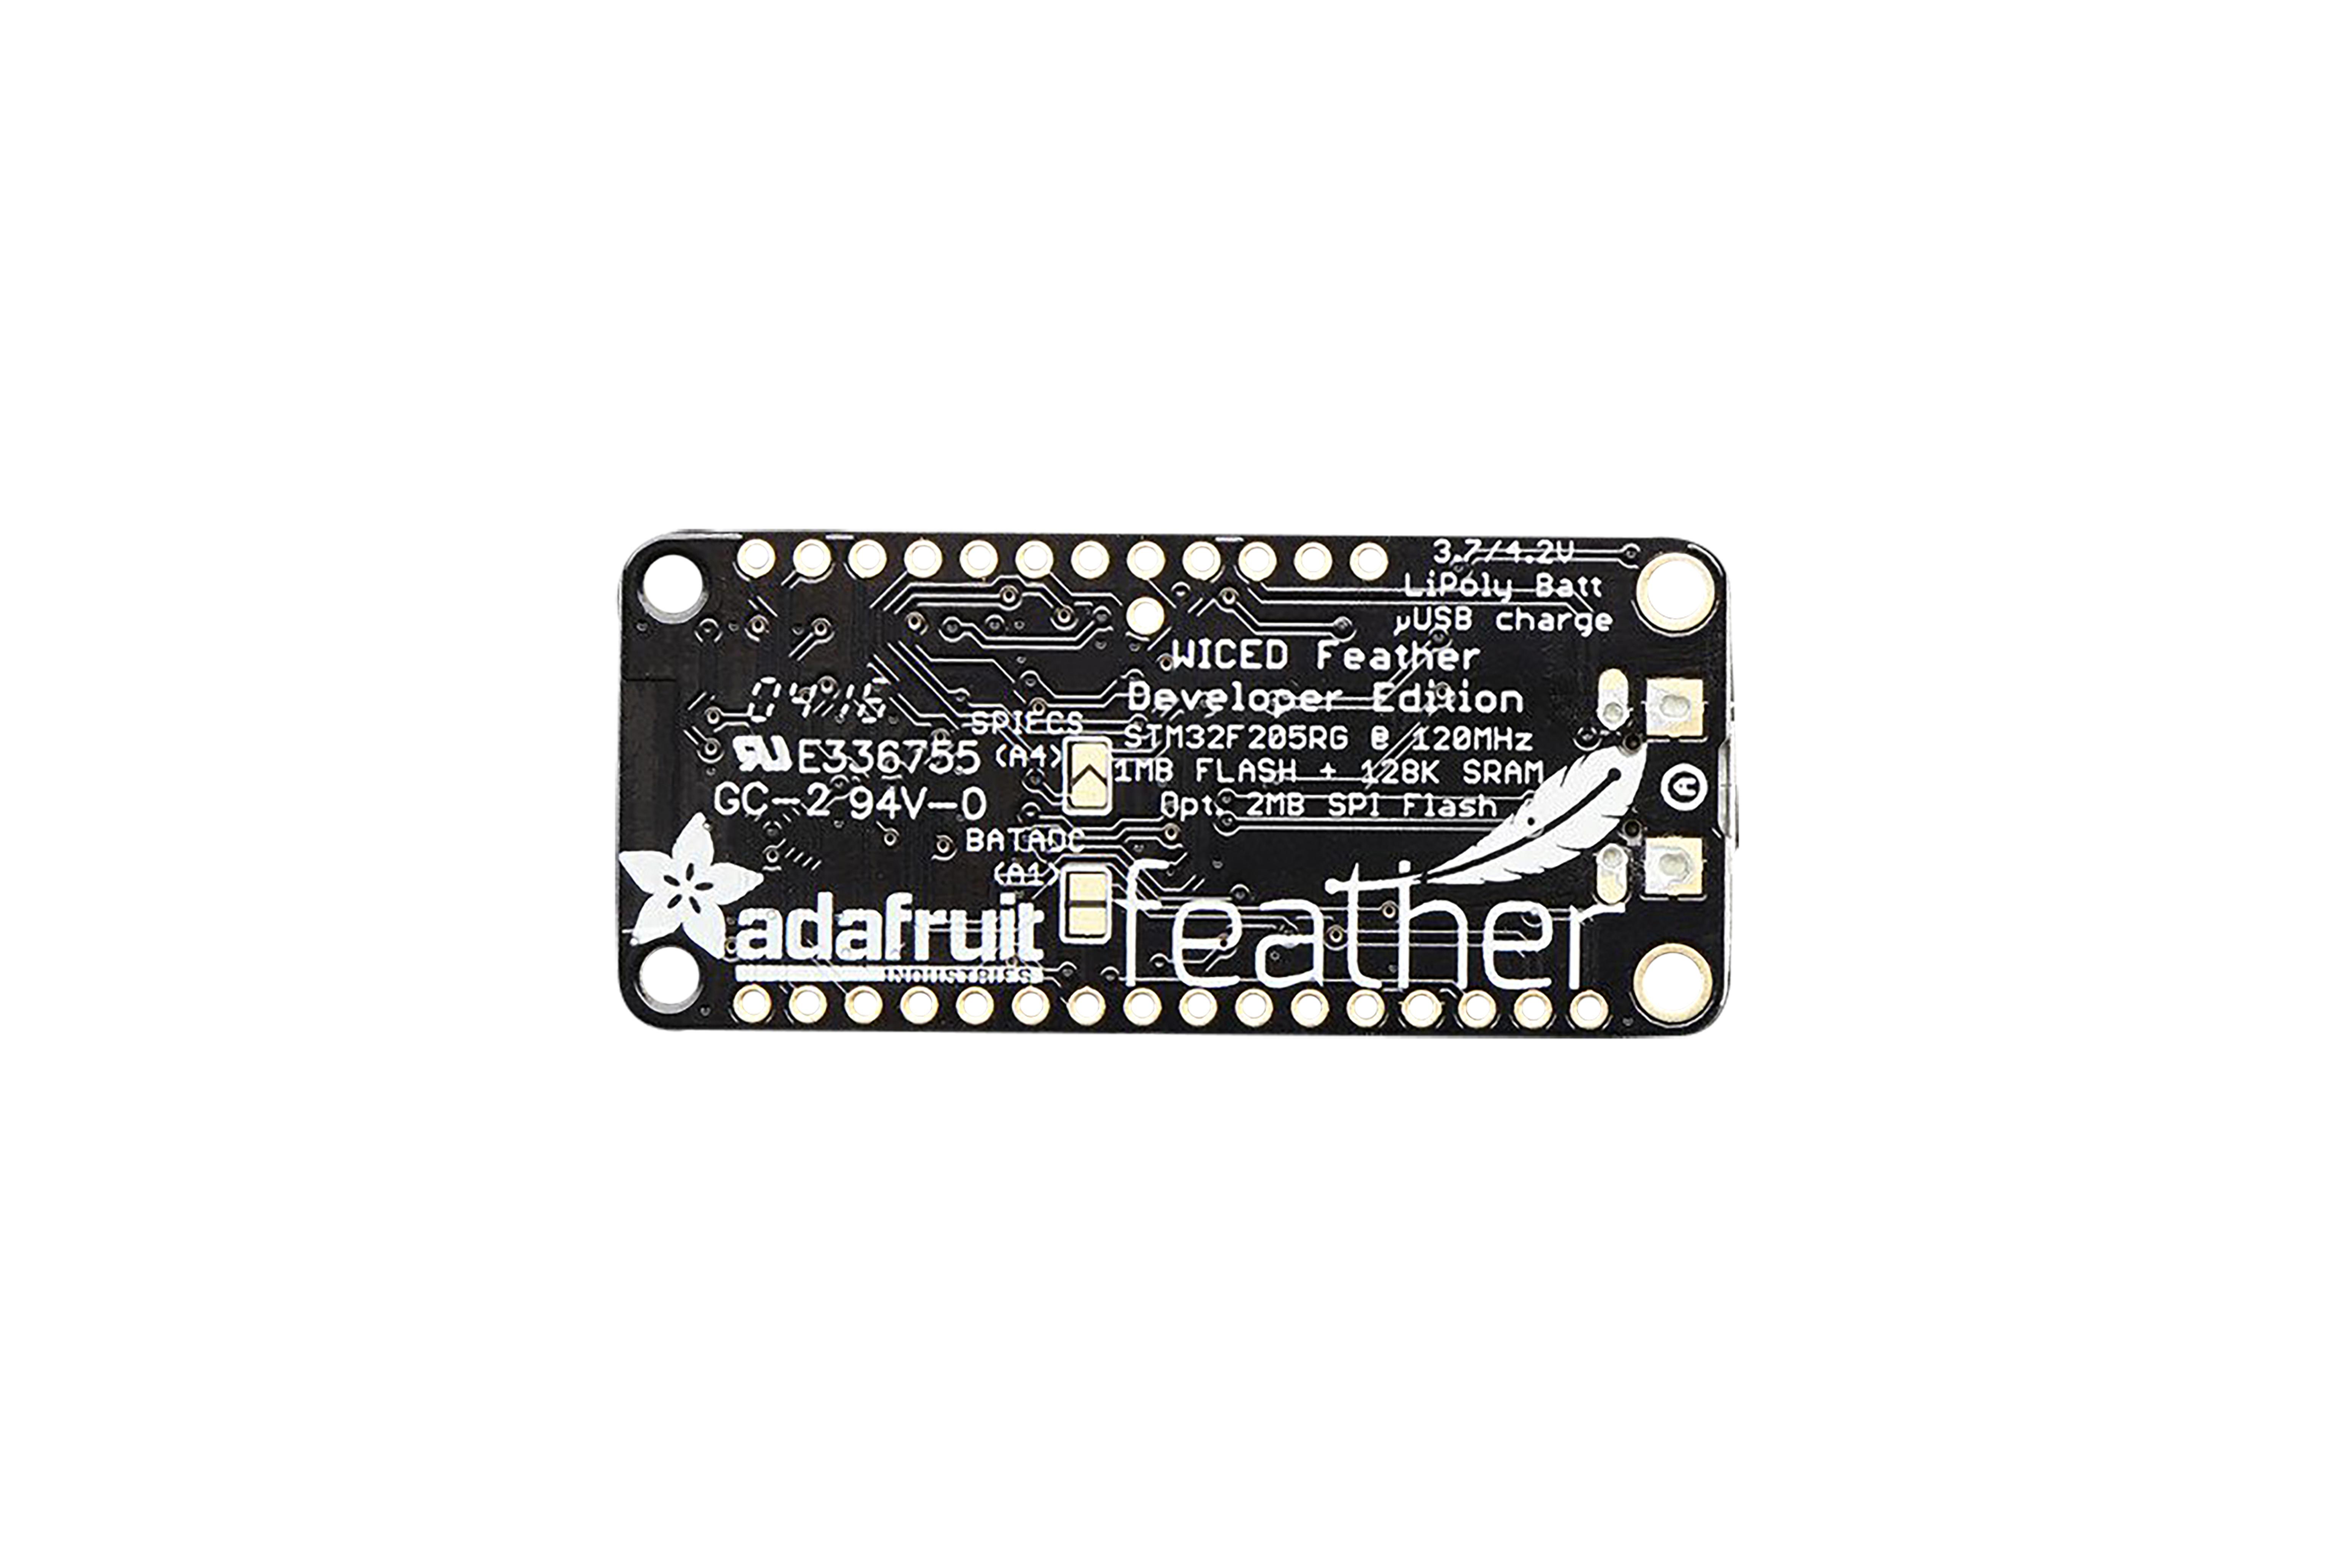 Adafruit Wiced WiFi Feather Dev Board